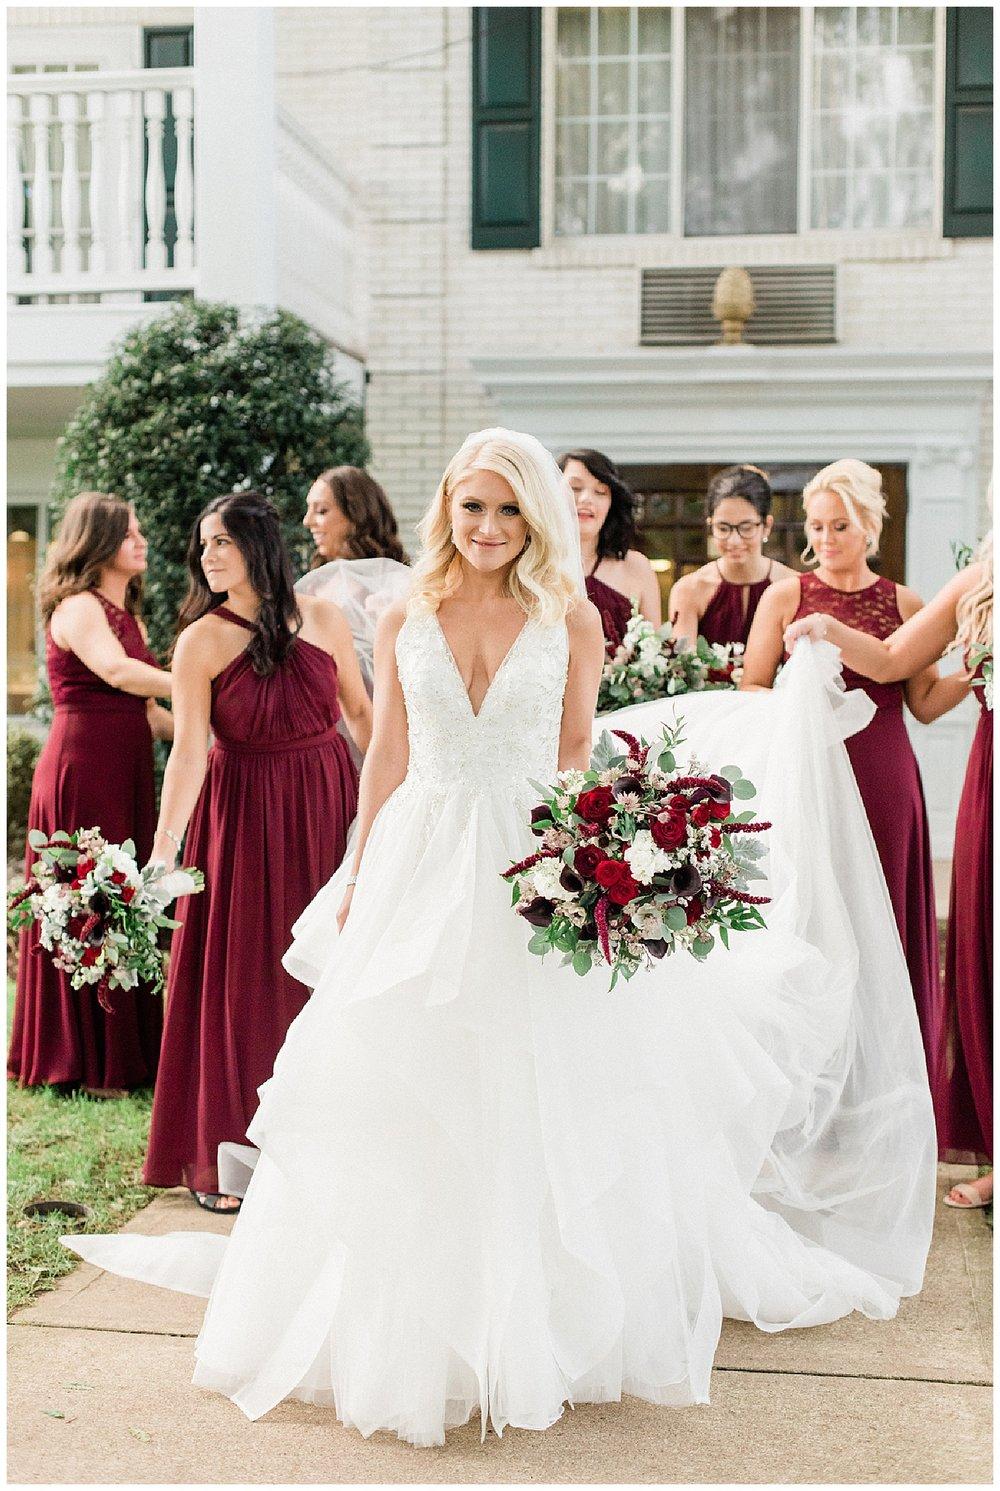 Fall Madison Hotel Wedding | Madison Hotel Conservatory | Madison, NJ | www.redoakweddings.com